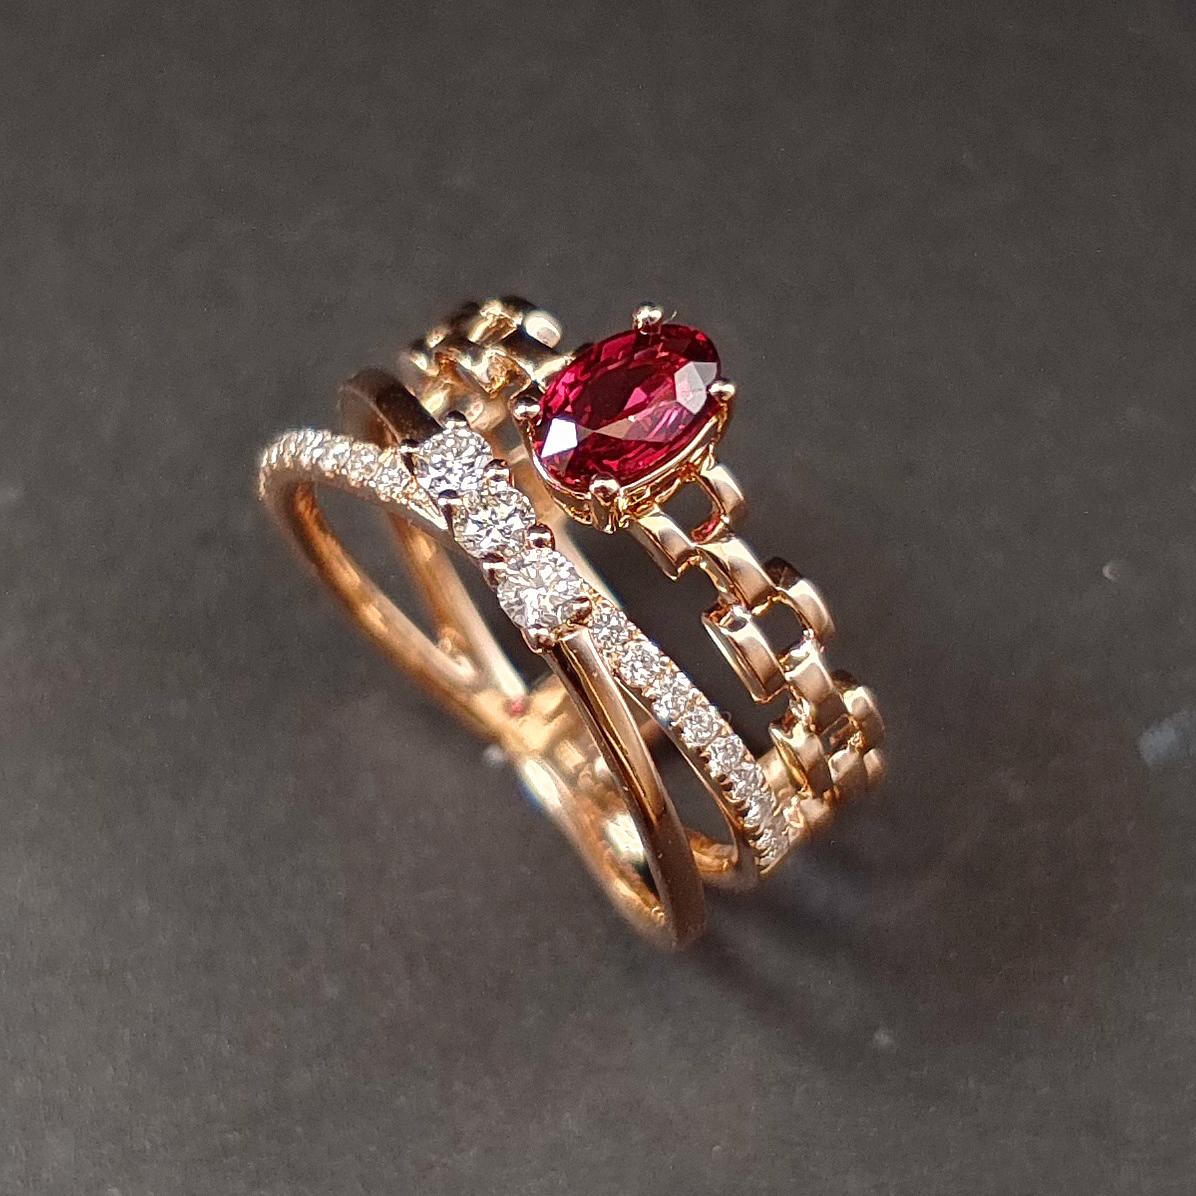 【低价放漏】【戒指】18K金+红宝石+钻石